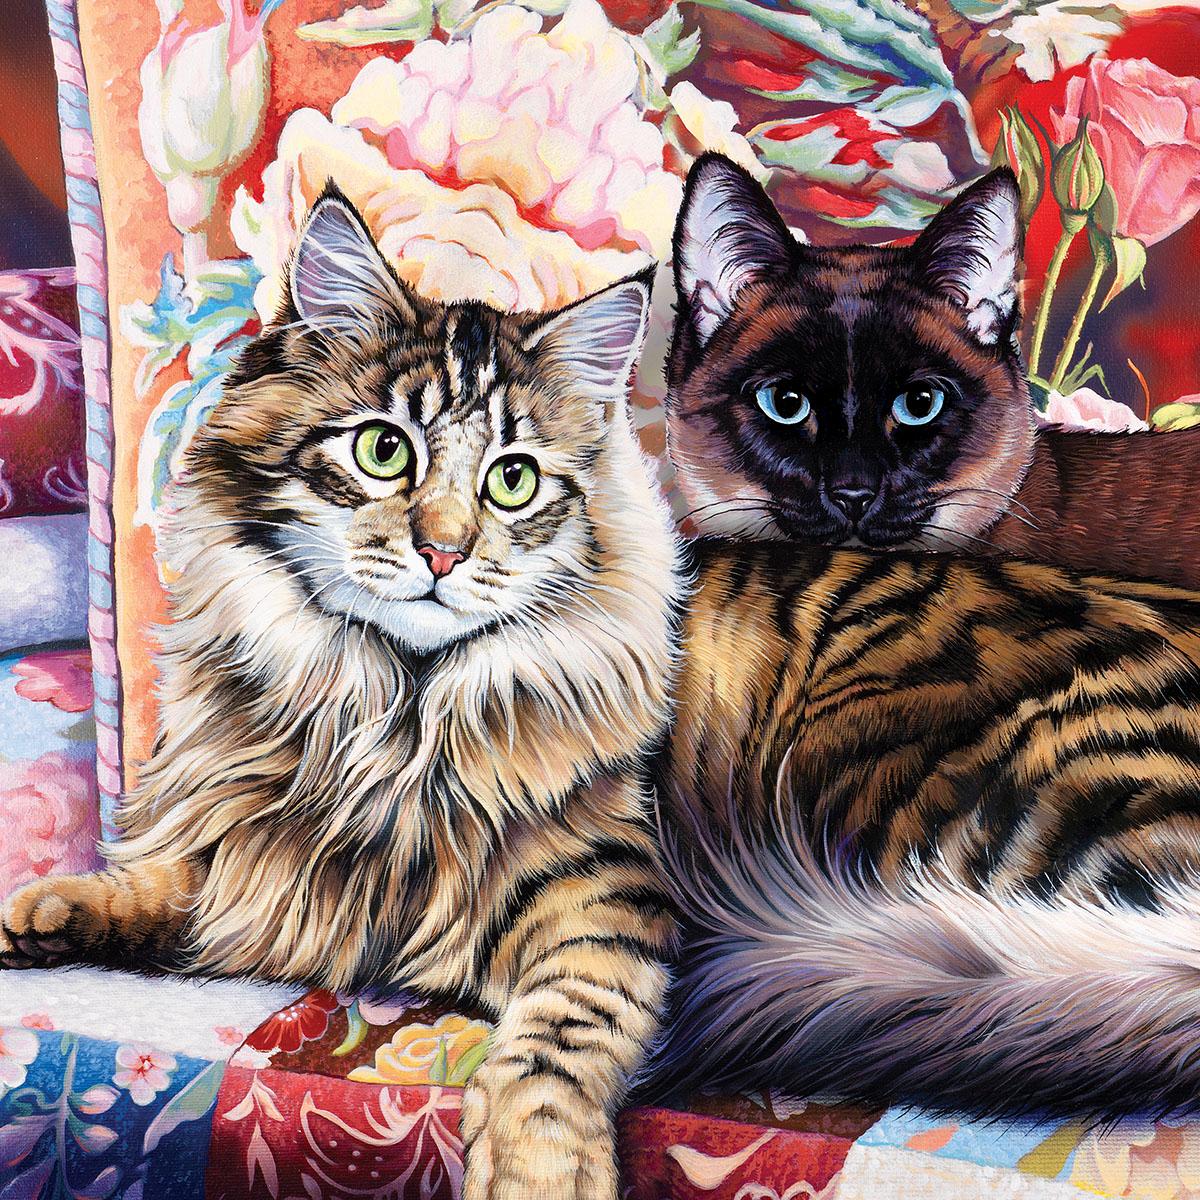 Raja and Mulan (CatOlogy) Cats Jigsaw Puzzle